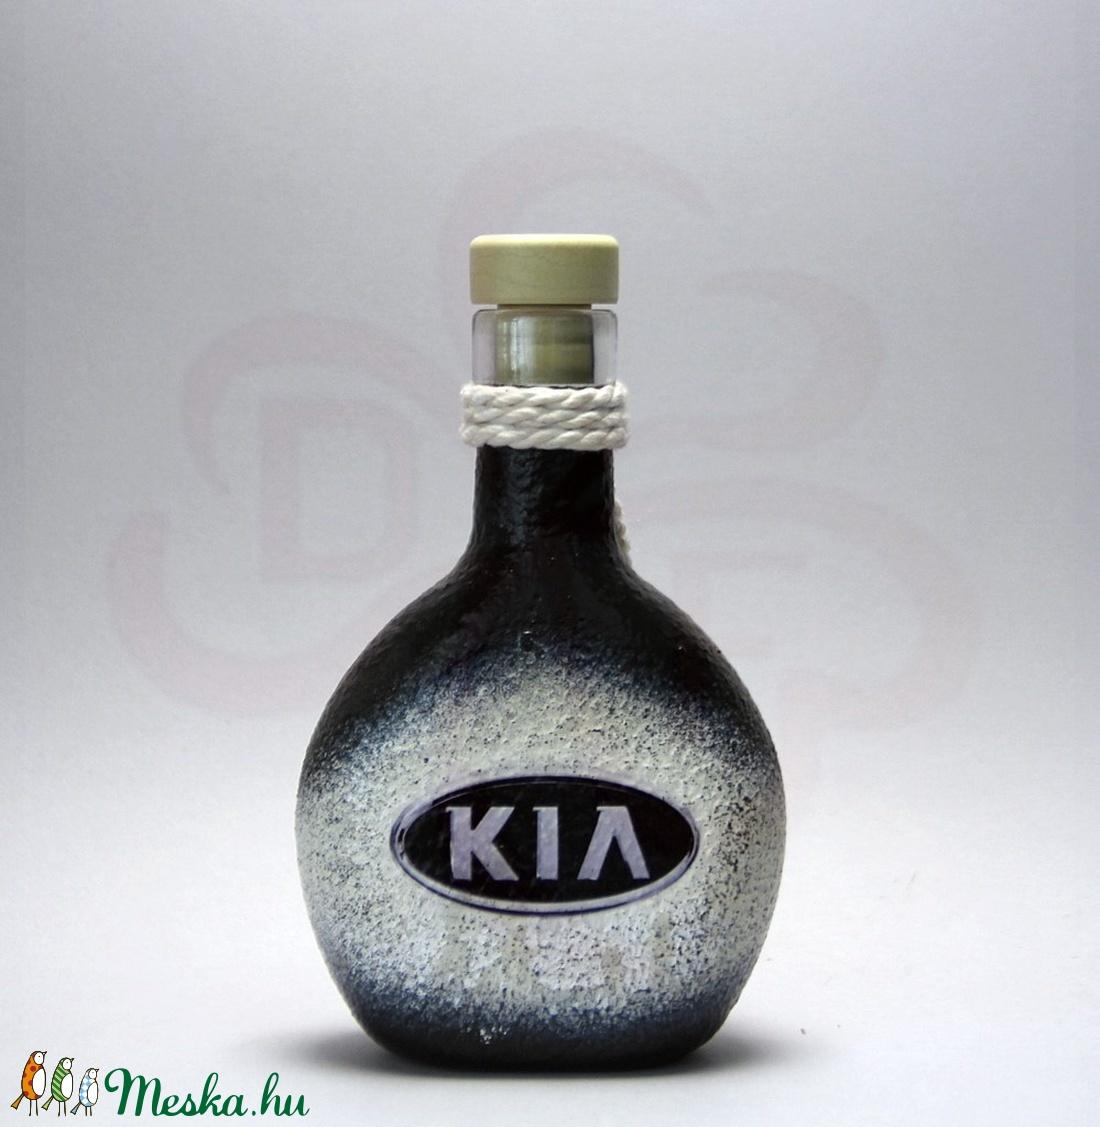 KIA emblémás laposüveg ; A KIA márka rajongóinak - Meska.hu